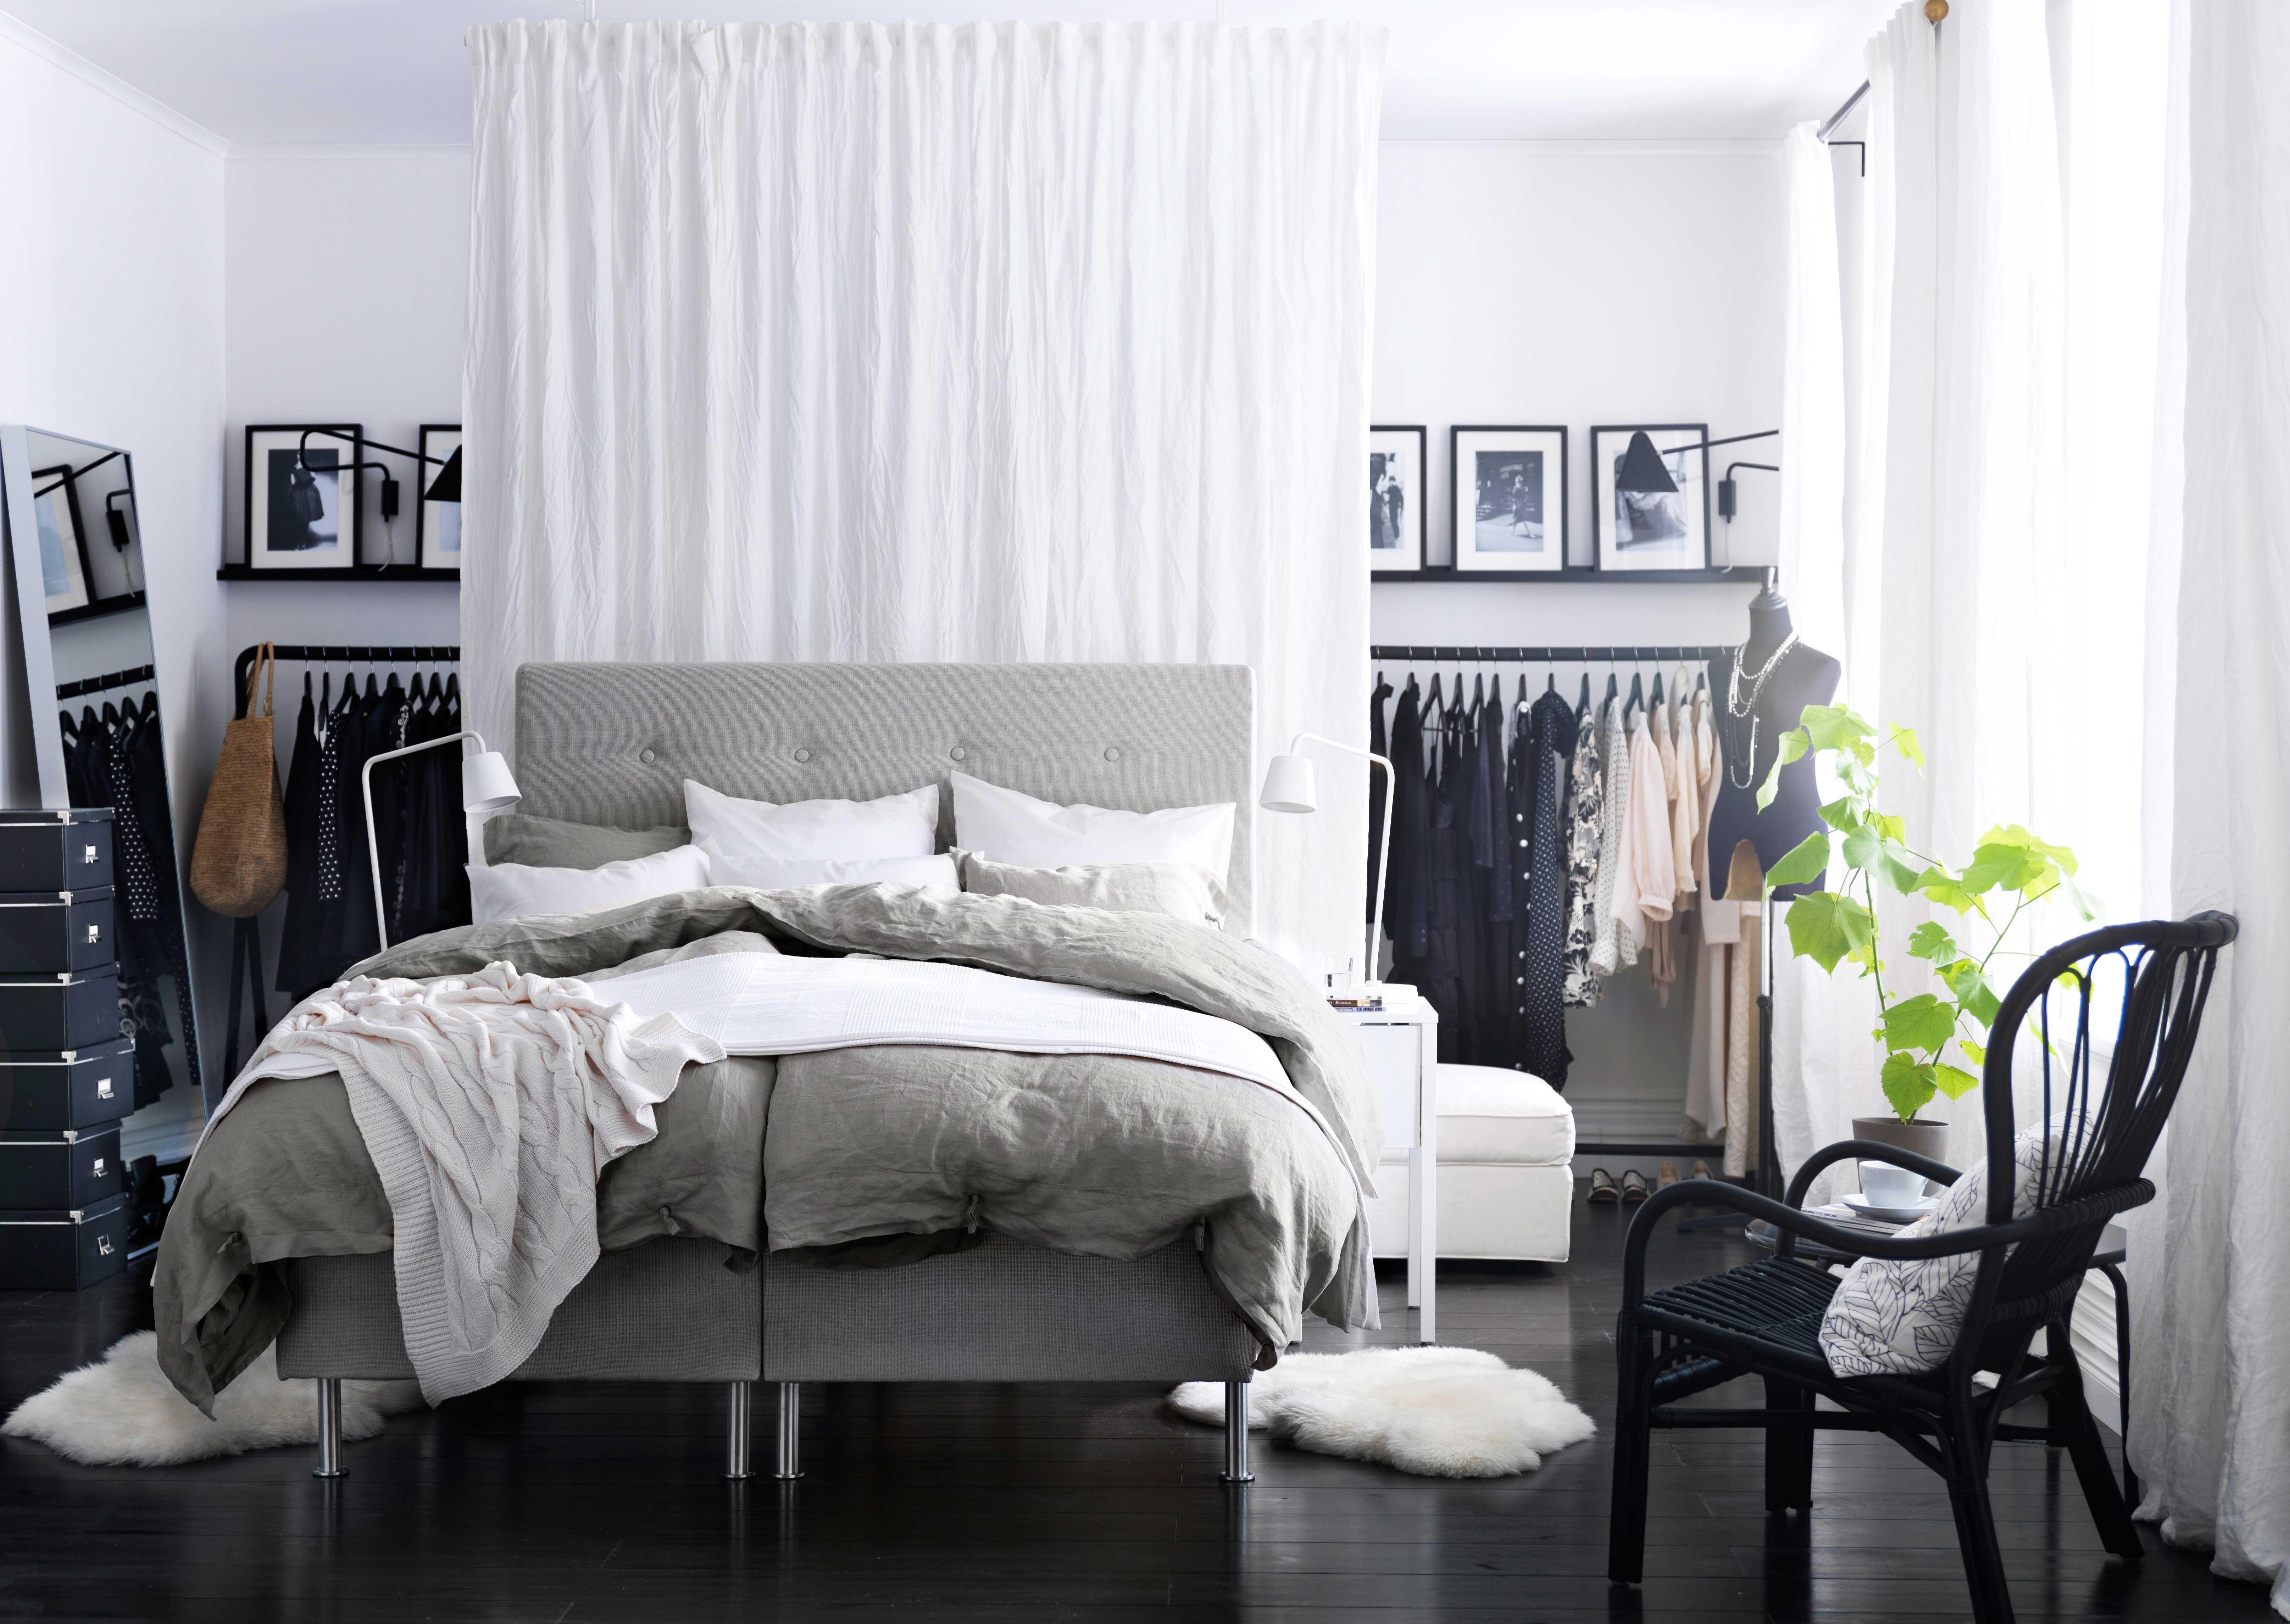 schlafzimmer betten matratzen schlafzimmerm bel. Black Bedroom Furniture Sets. Home Design Ideas